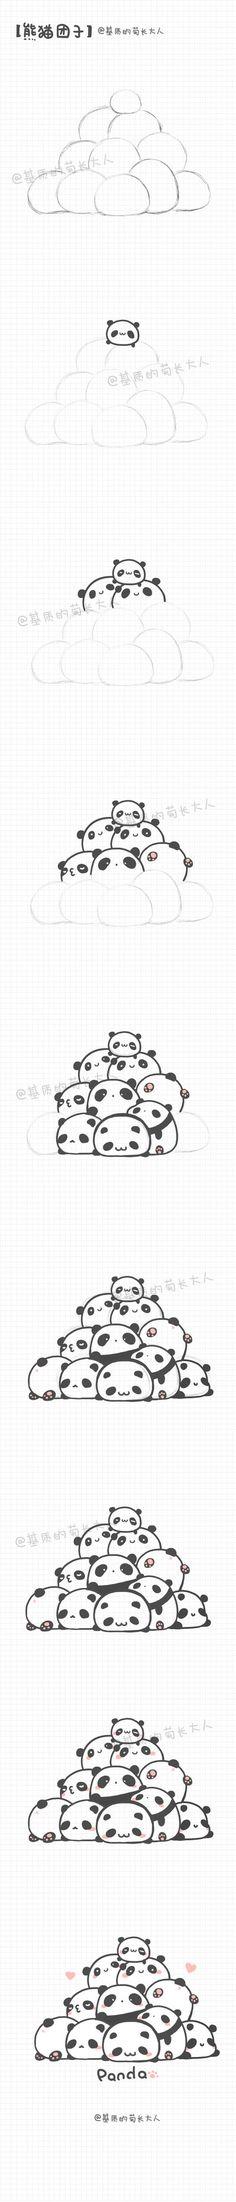 堆糖-美好生活研究所 Cute Animal Drawings, Kawaii Drawings, Doodle Drawings, Easy Drawings, Doodle Art, Kawaii Doodles, Kawaii Art, Drawing For Kids, Drawing Tips